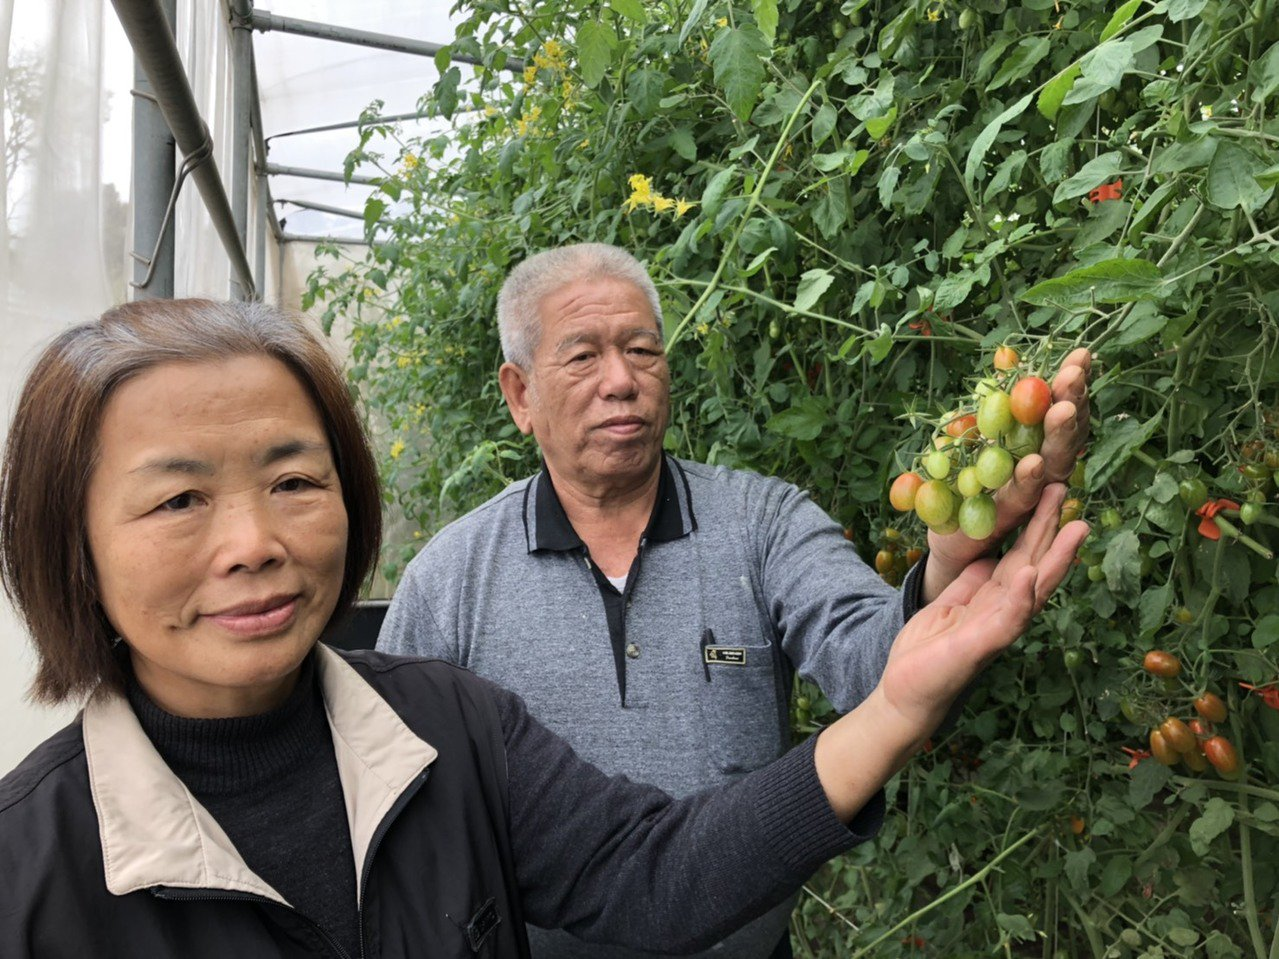 陳國富、許明麗夫婦攜手打造自己的「開心農場」,種出安全無毒的番茄、蔬果。 圖/蔡...